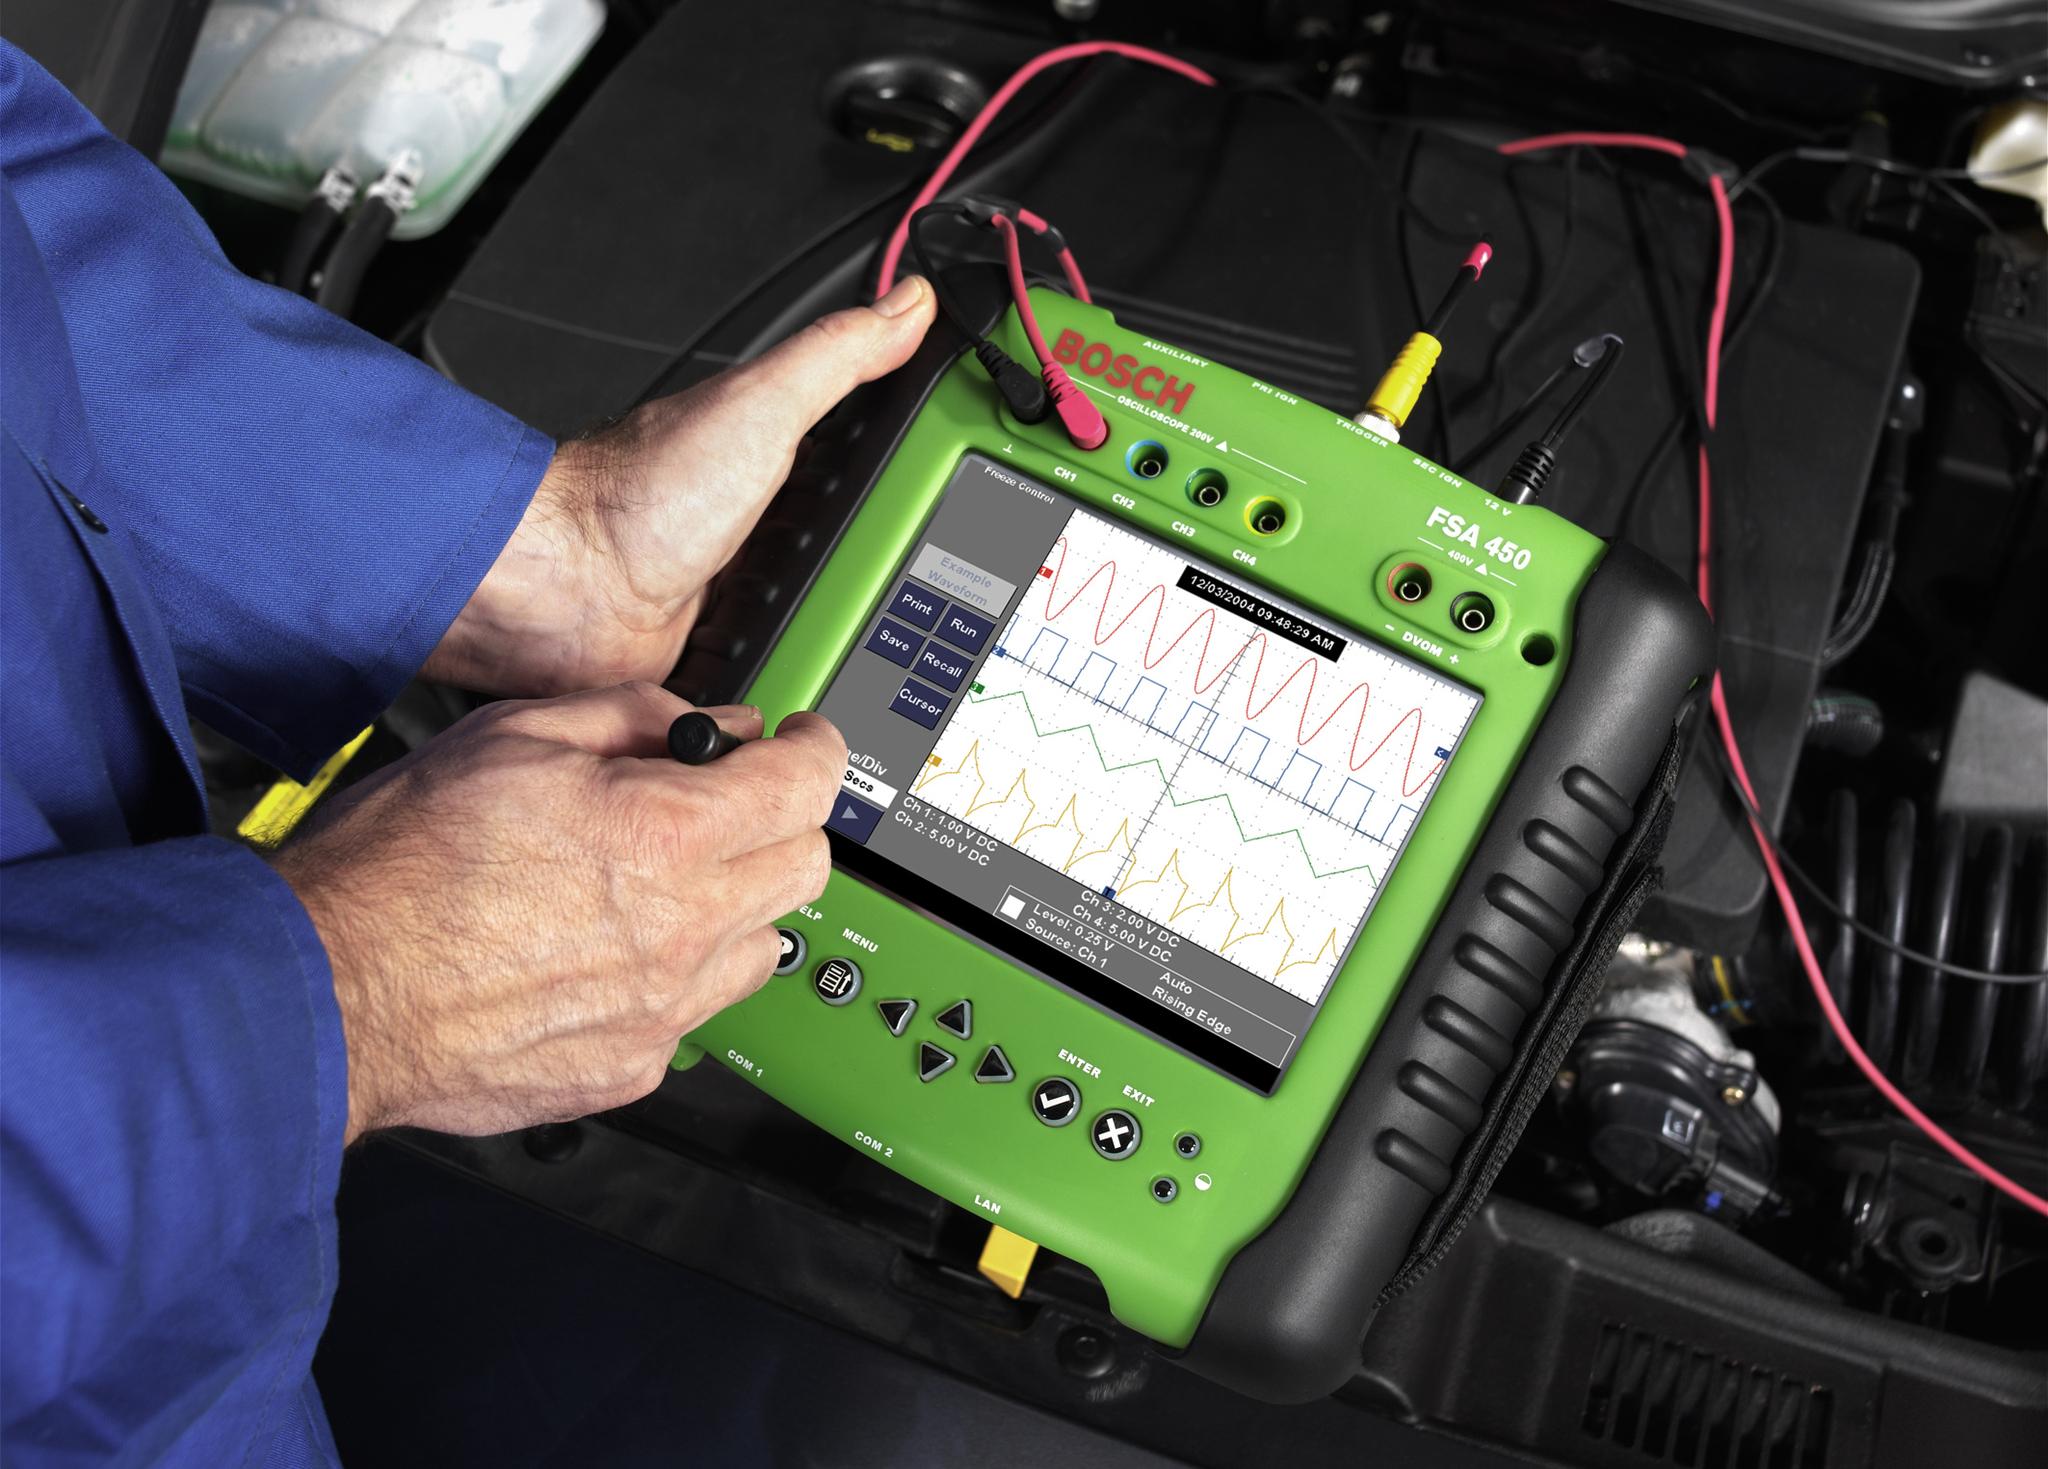 Диагностика инжектора своими руками с помощью ноутбука фото 932